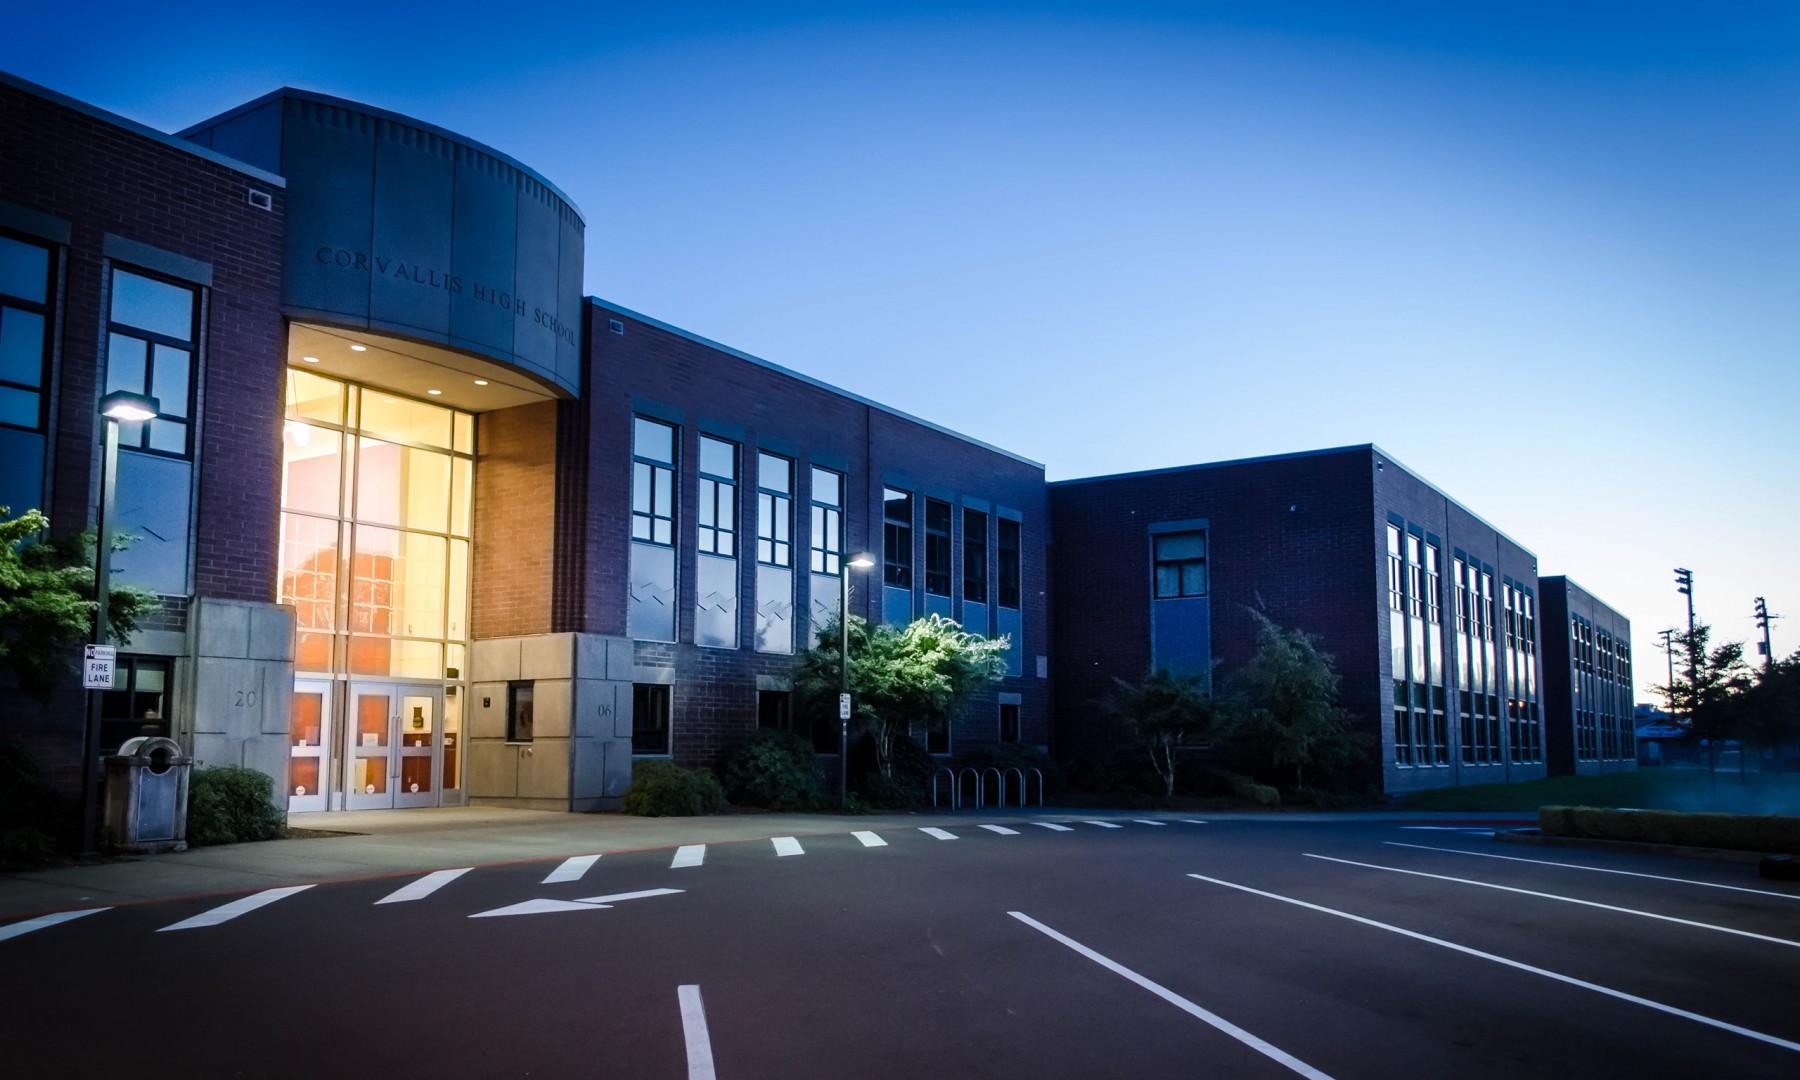 Corvallis High School Robinson Construction Co